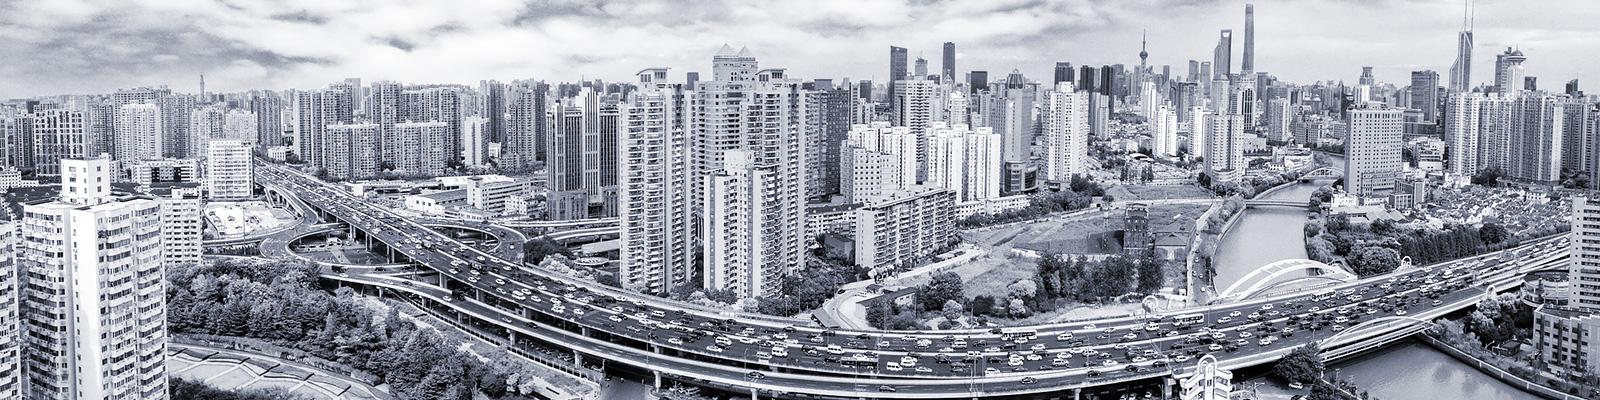 中国 上海 ビルディング 密集 イメージ